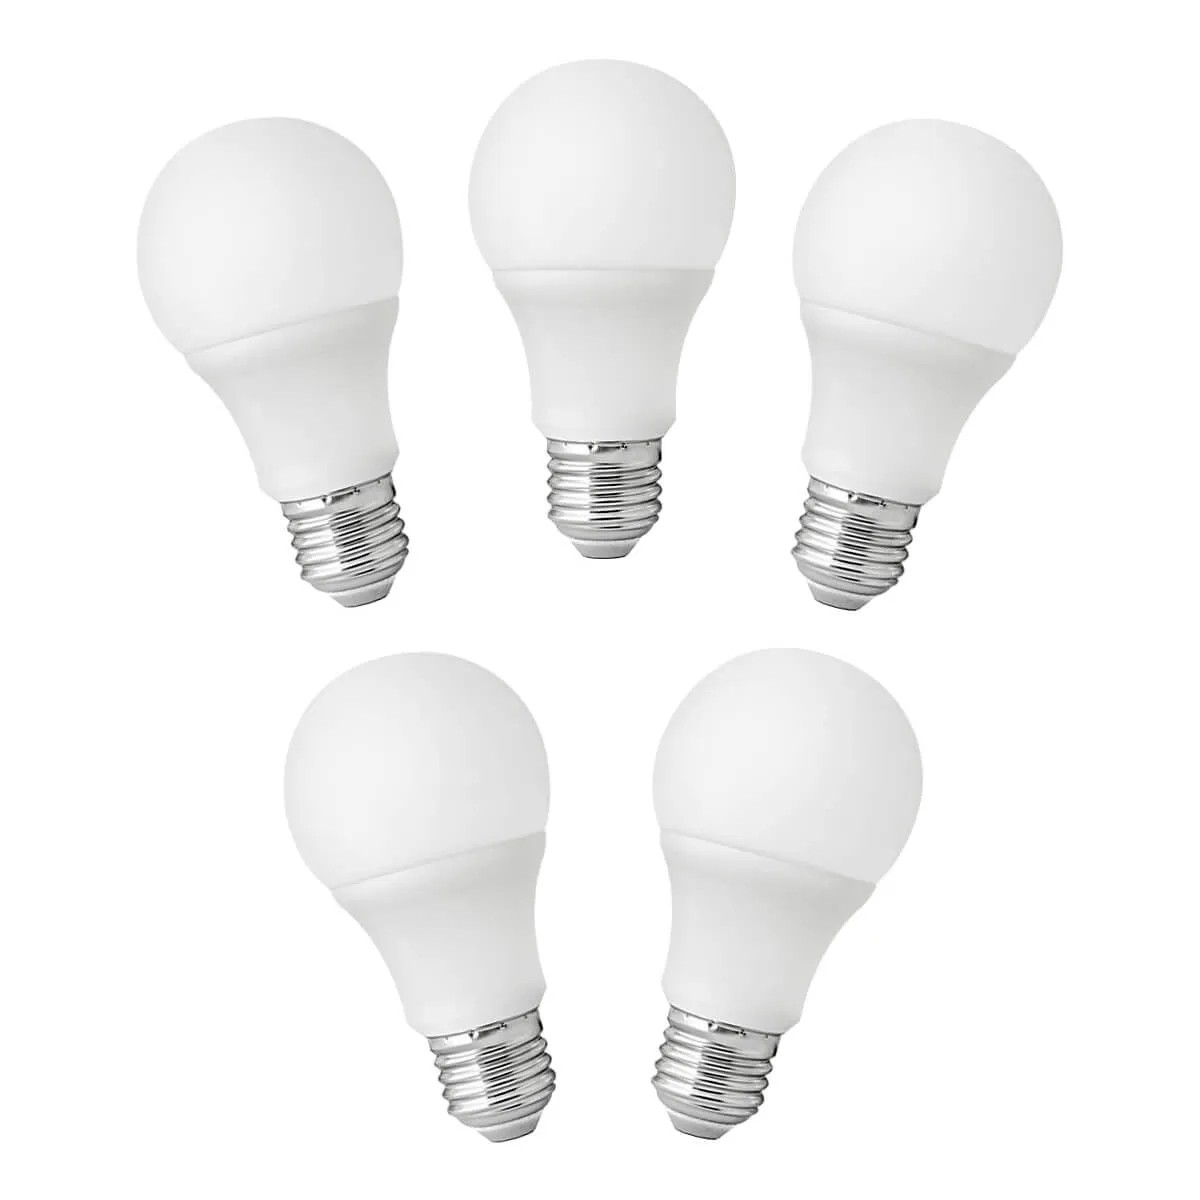 Kit 5 Lâmpadas 9W LED A60